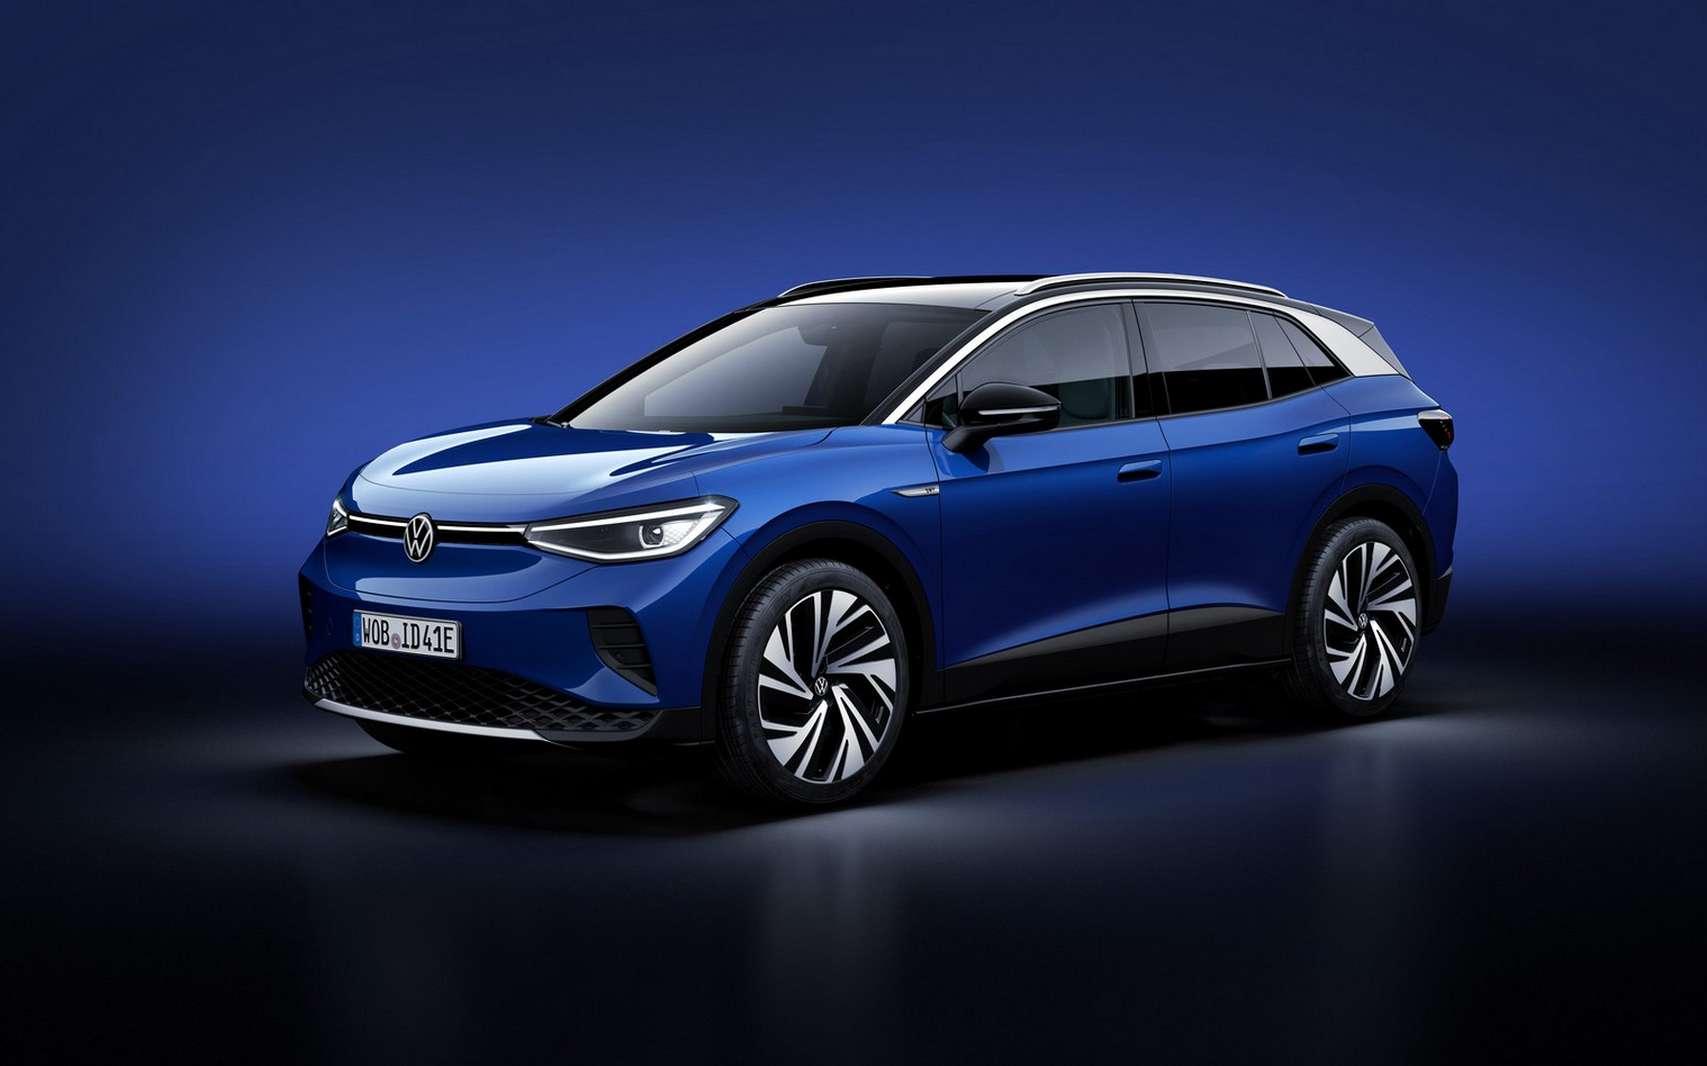 Le Volkswagen ID.4 se positionne sur le créneau des SUV électriques pour la famille. © Volkswagen